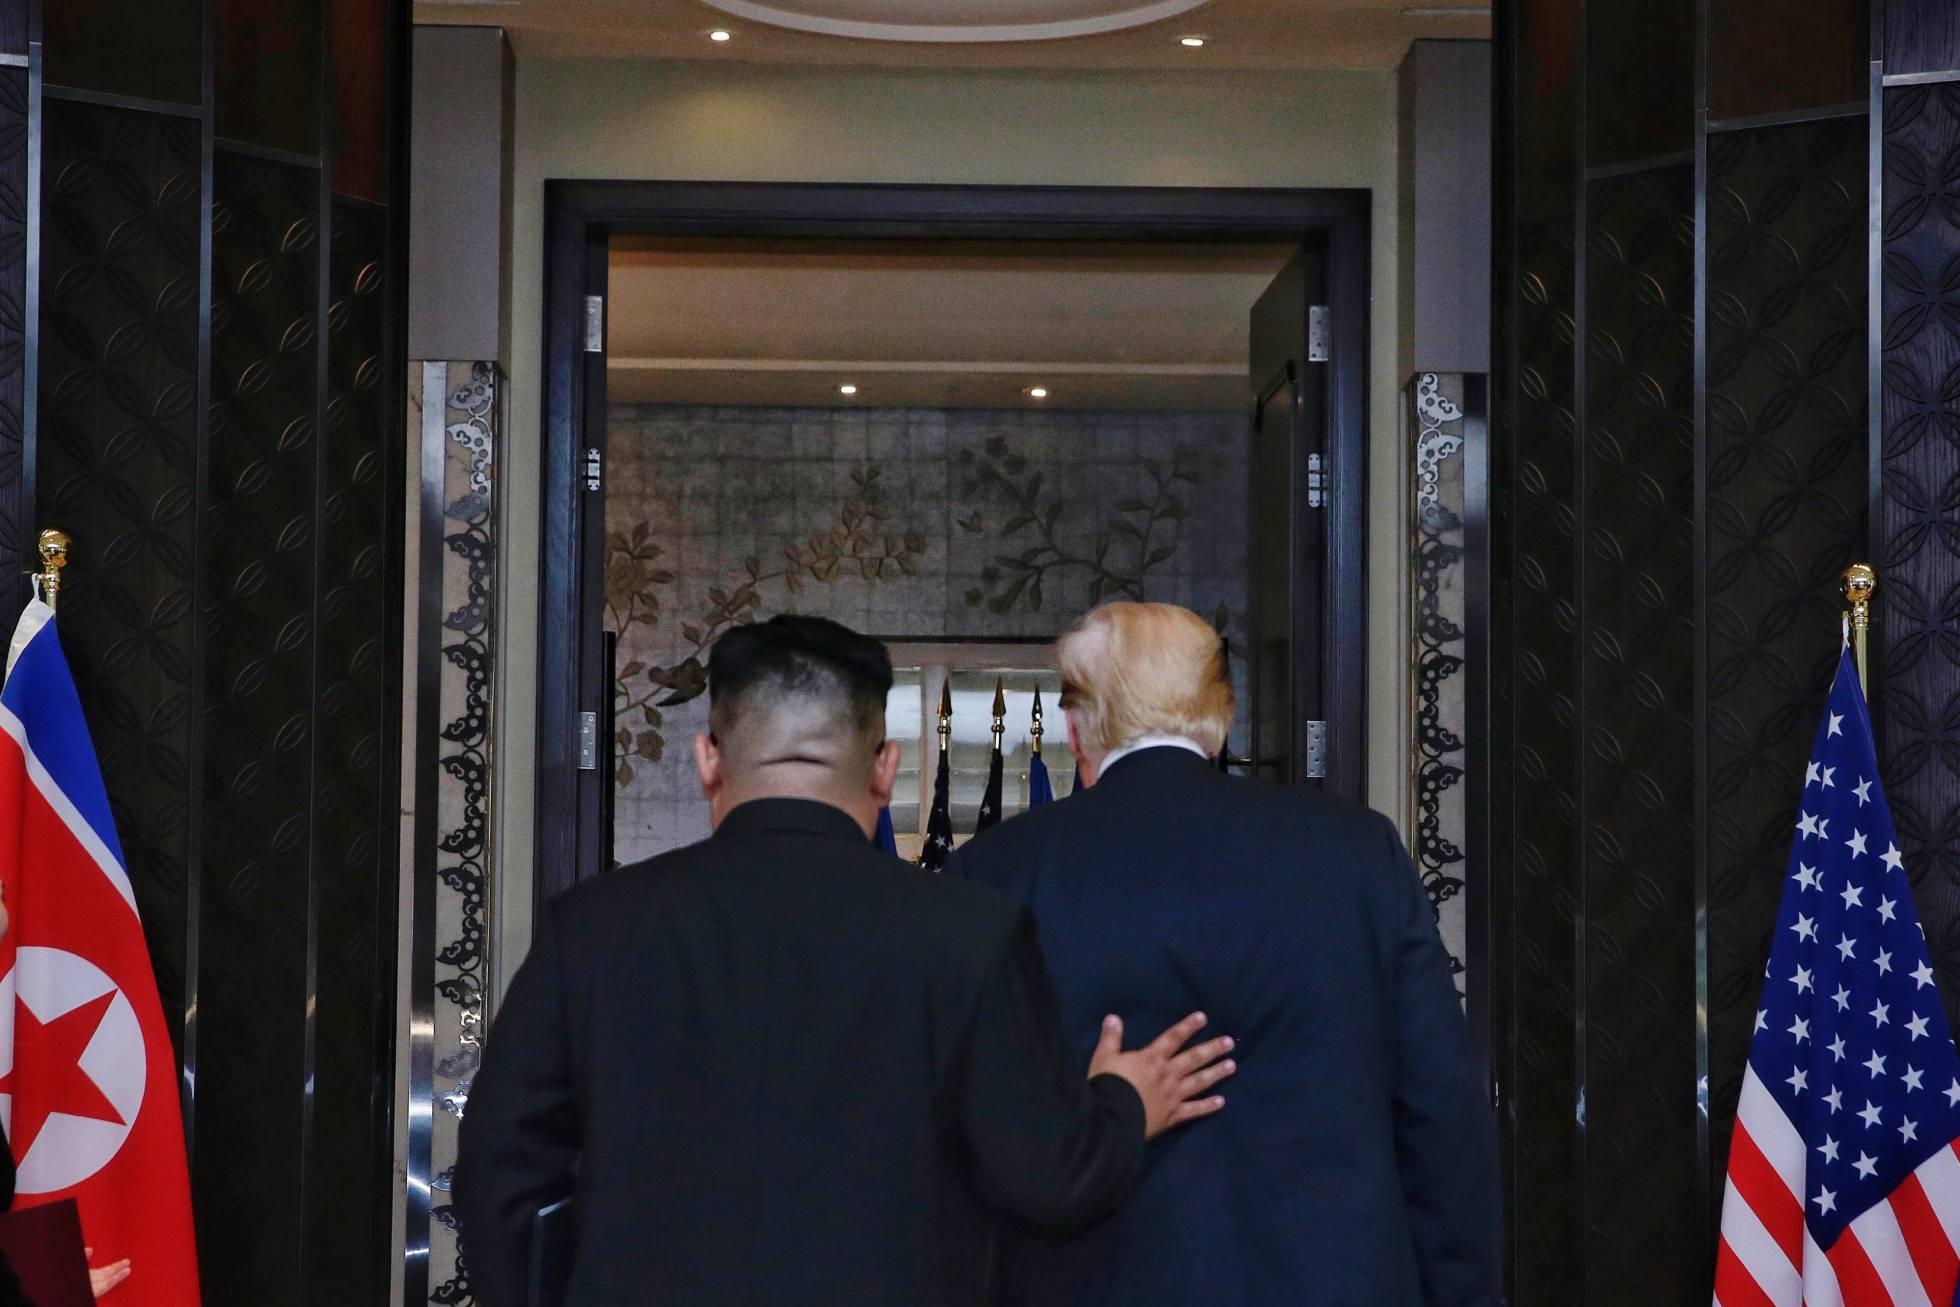 guerra - Corea Del Norte...¿La guerra se acerca? - Página 30 1528847778_254160_1528850606_noticia_normal_recorte1